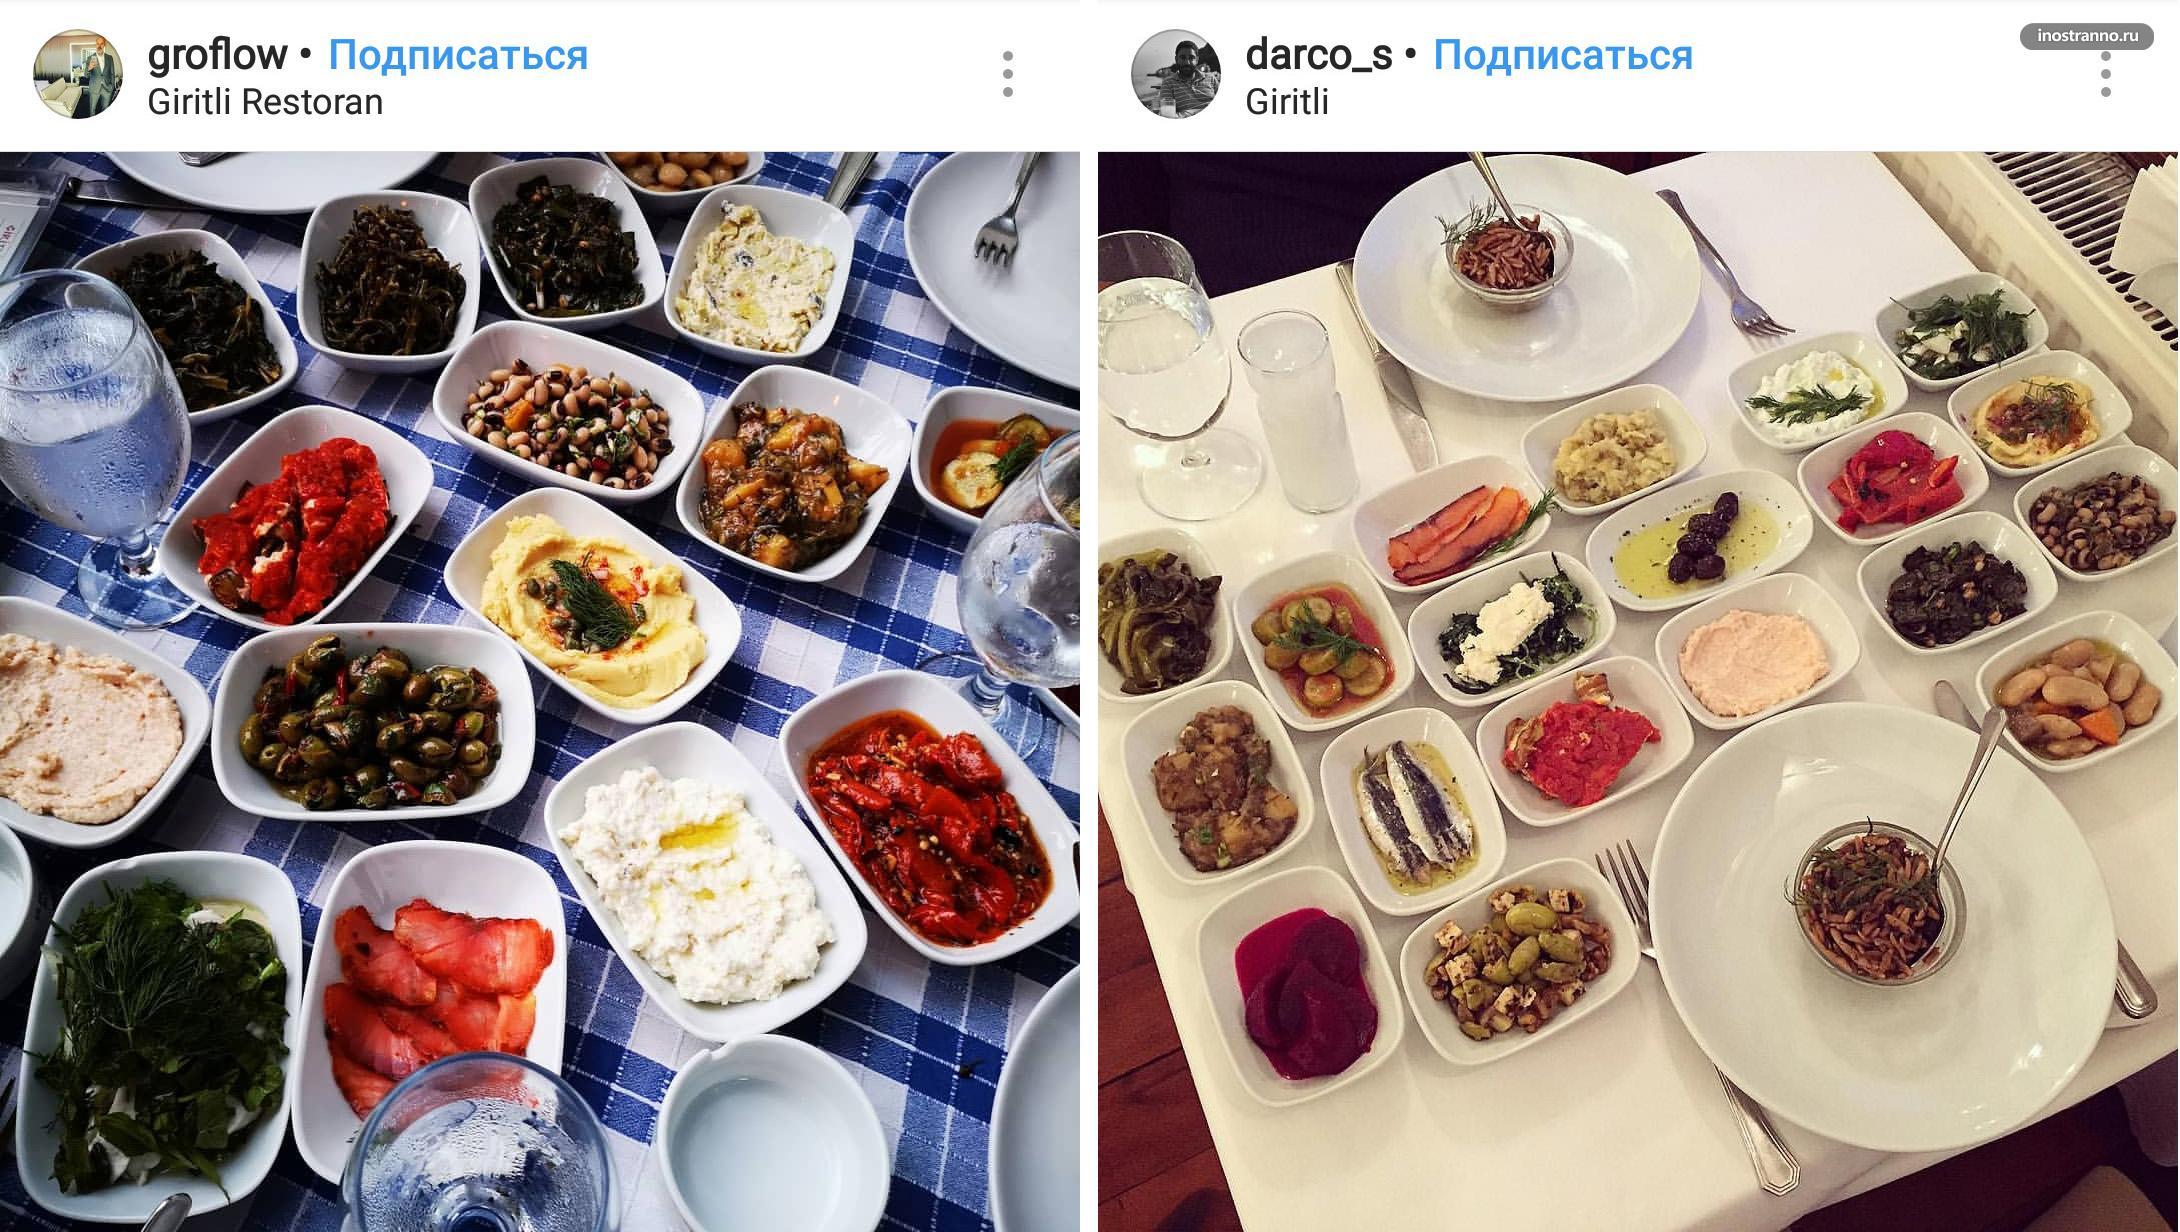 Giritli Istanbul рыбный ресторан с красивым видом в Стамбуле